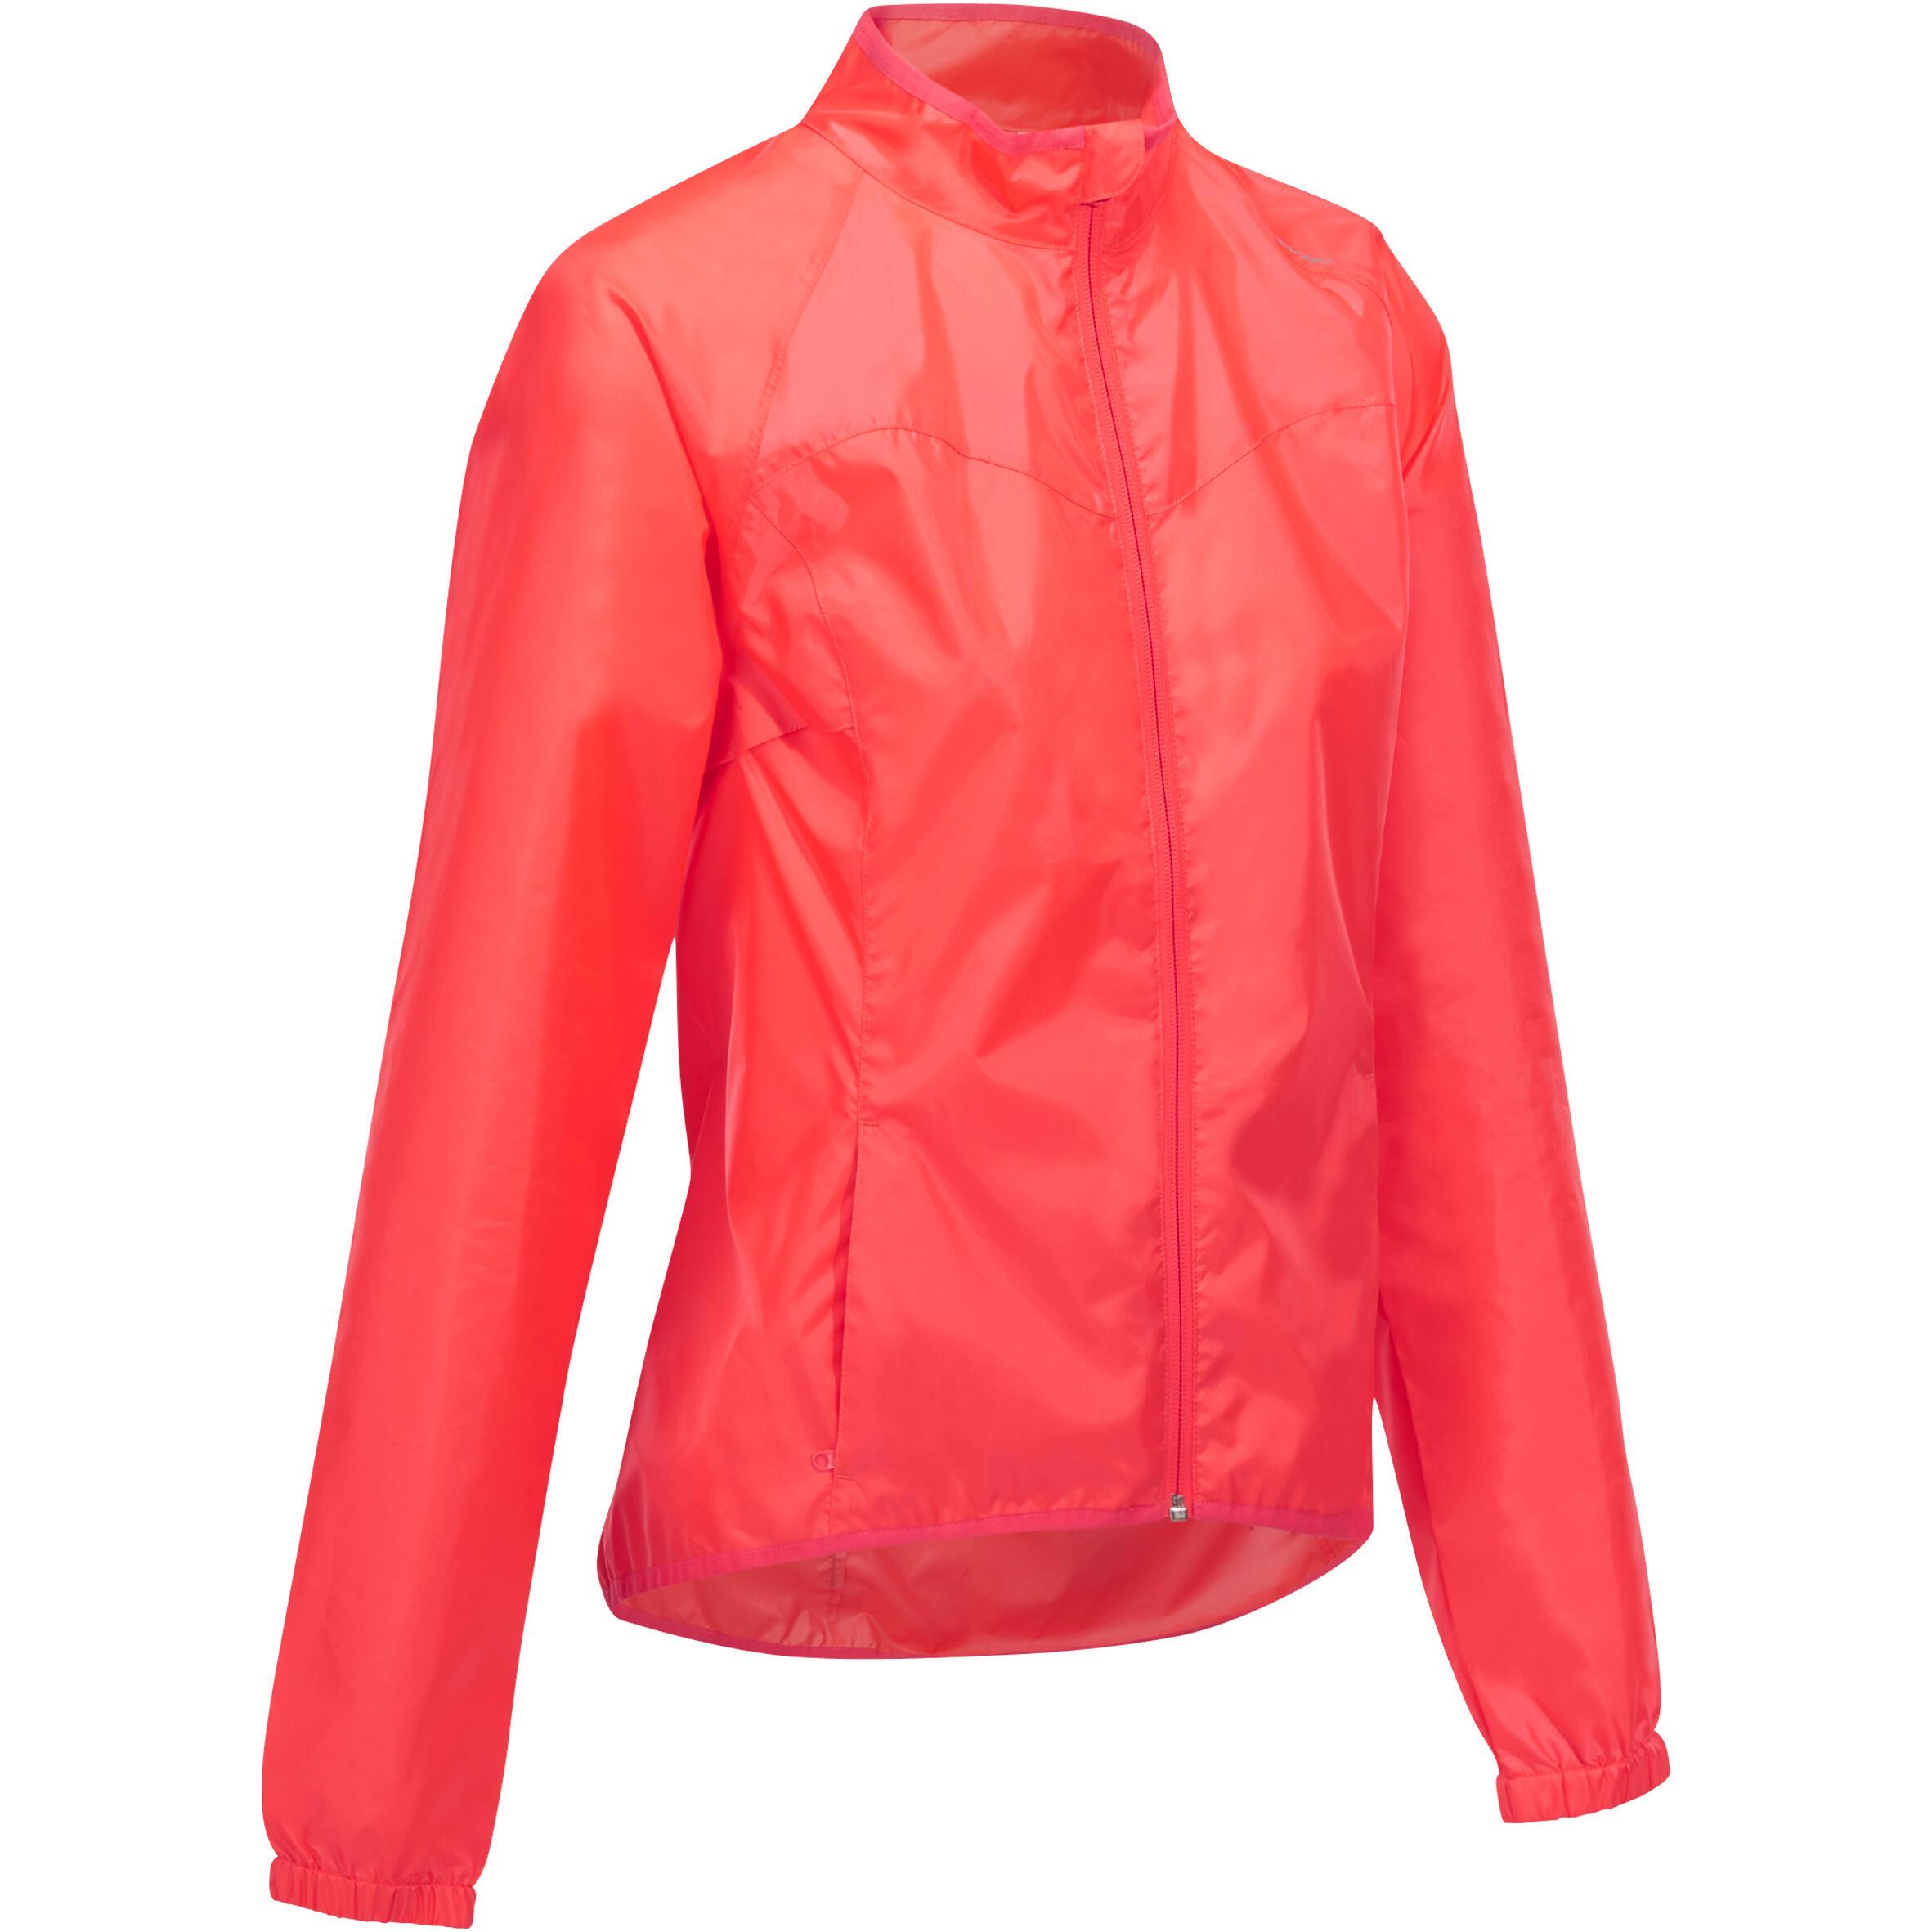 Fahrrad-Regenjacke Rennrad RC 100 Damen rosa | Sportbekleidung > Sportjacken > Regenjacken | Rot - Rosa | Triban